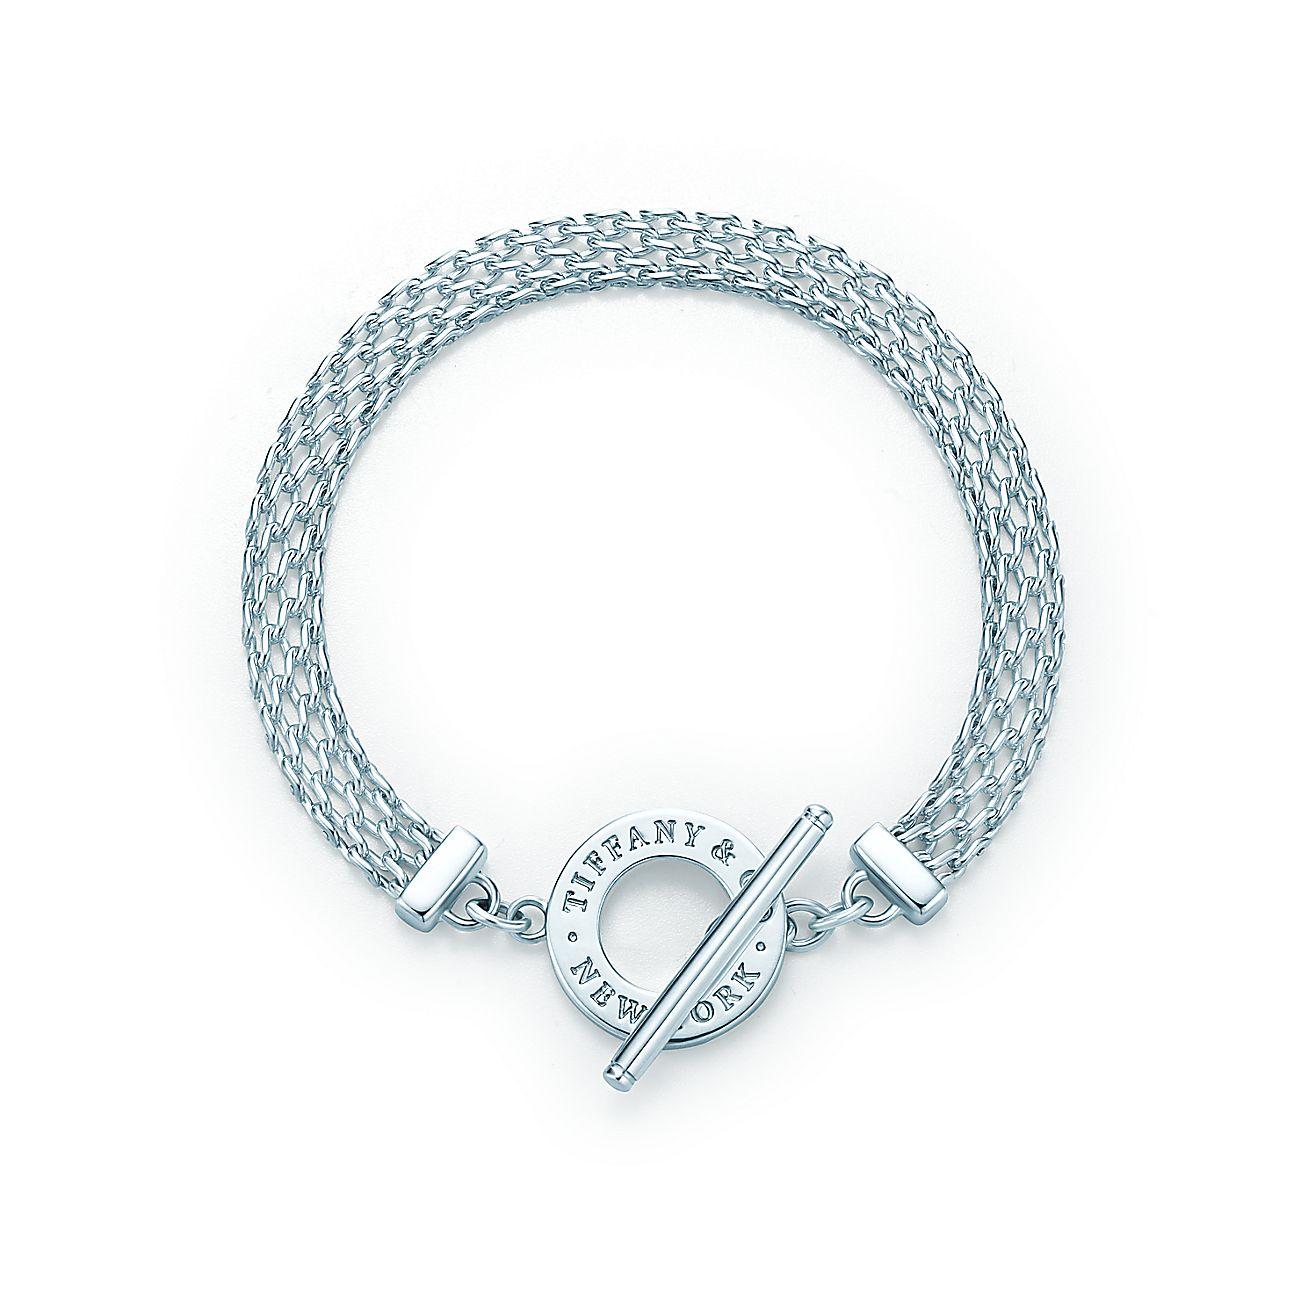 tiffany somerset toggle bracelet in sterling silver. Black Bedroom Furniture Sets. Home Design Ideas